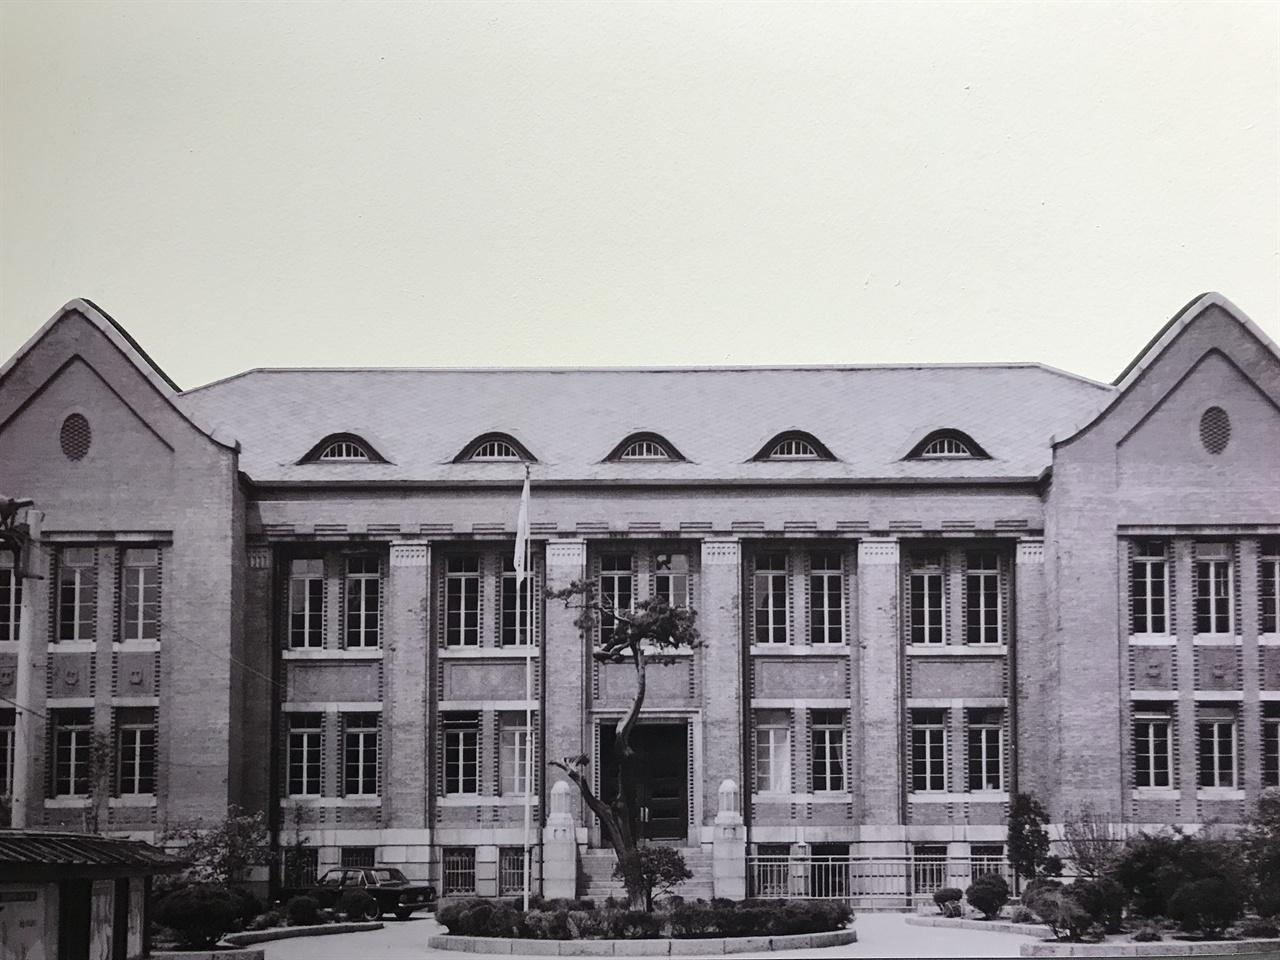 국립도서관 해방 후 국립도서관으로 쓰인 이 건물은 1923년 '조선총독부도서관'으로 지은 건물이다. 국립도서관은 1974년까지 반세기 동안 소공동에 위치했다. 국립도서관에 있던 자리에는 롯데백화점 주차장이 들어섰다.